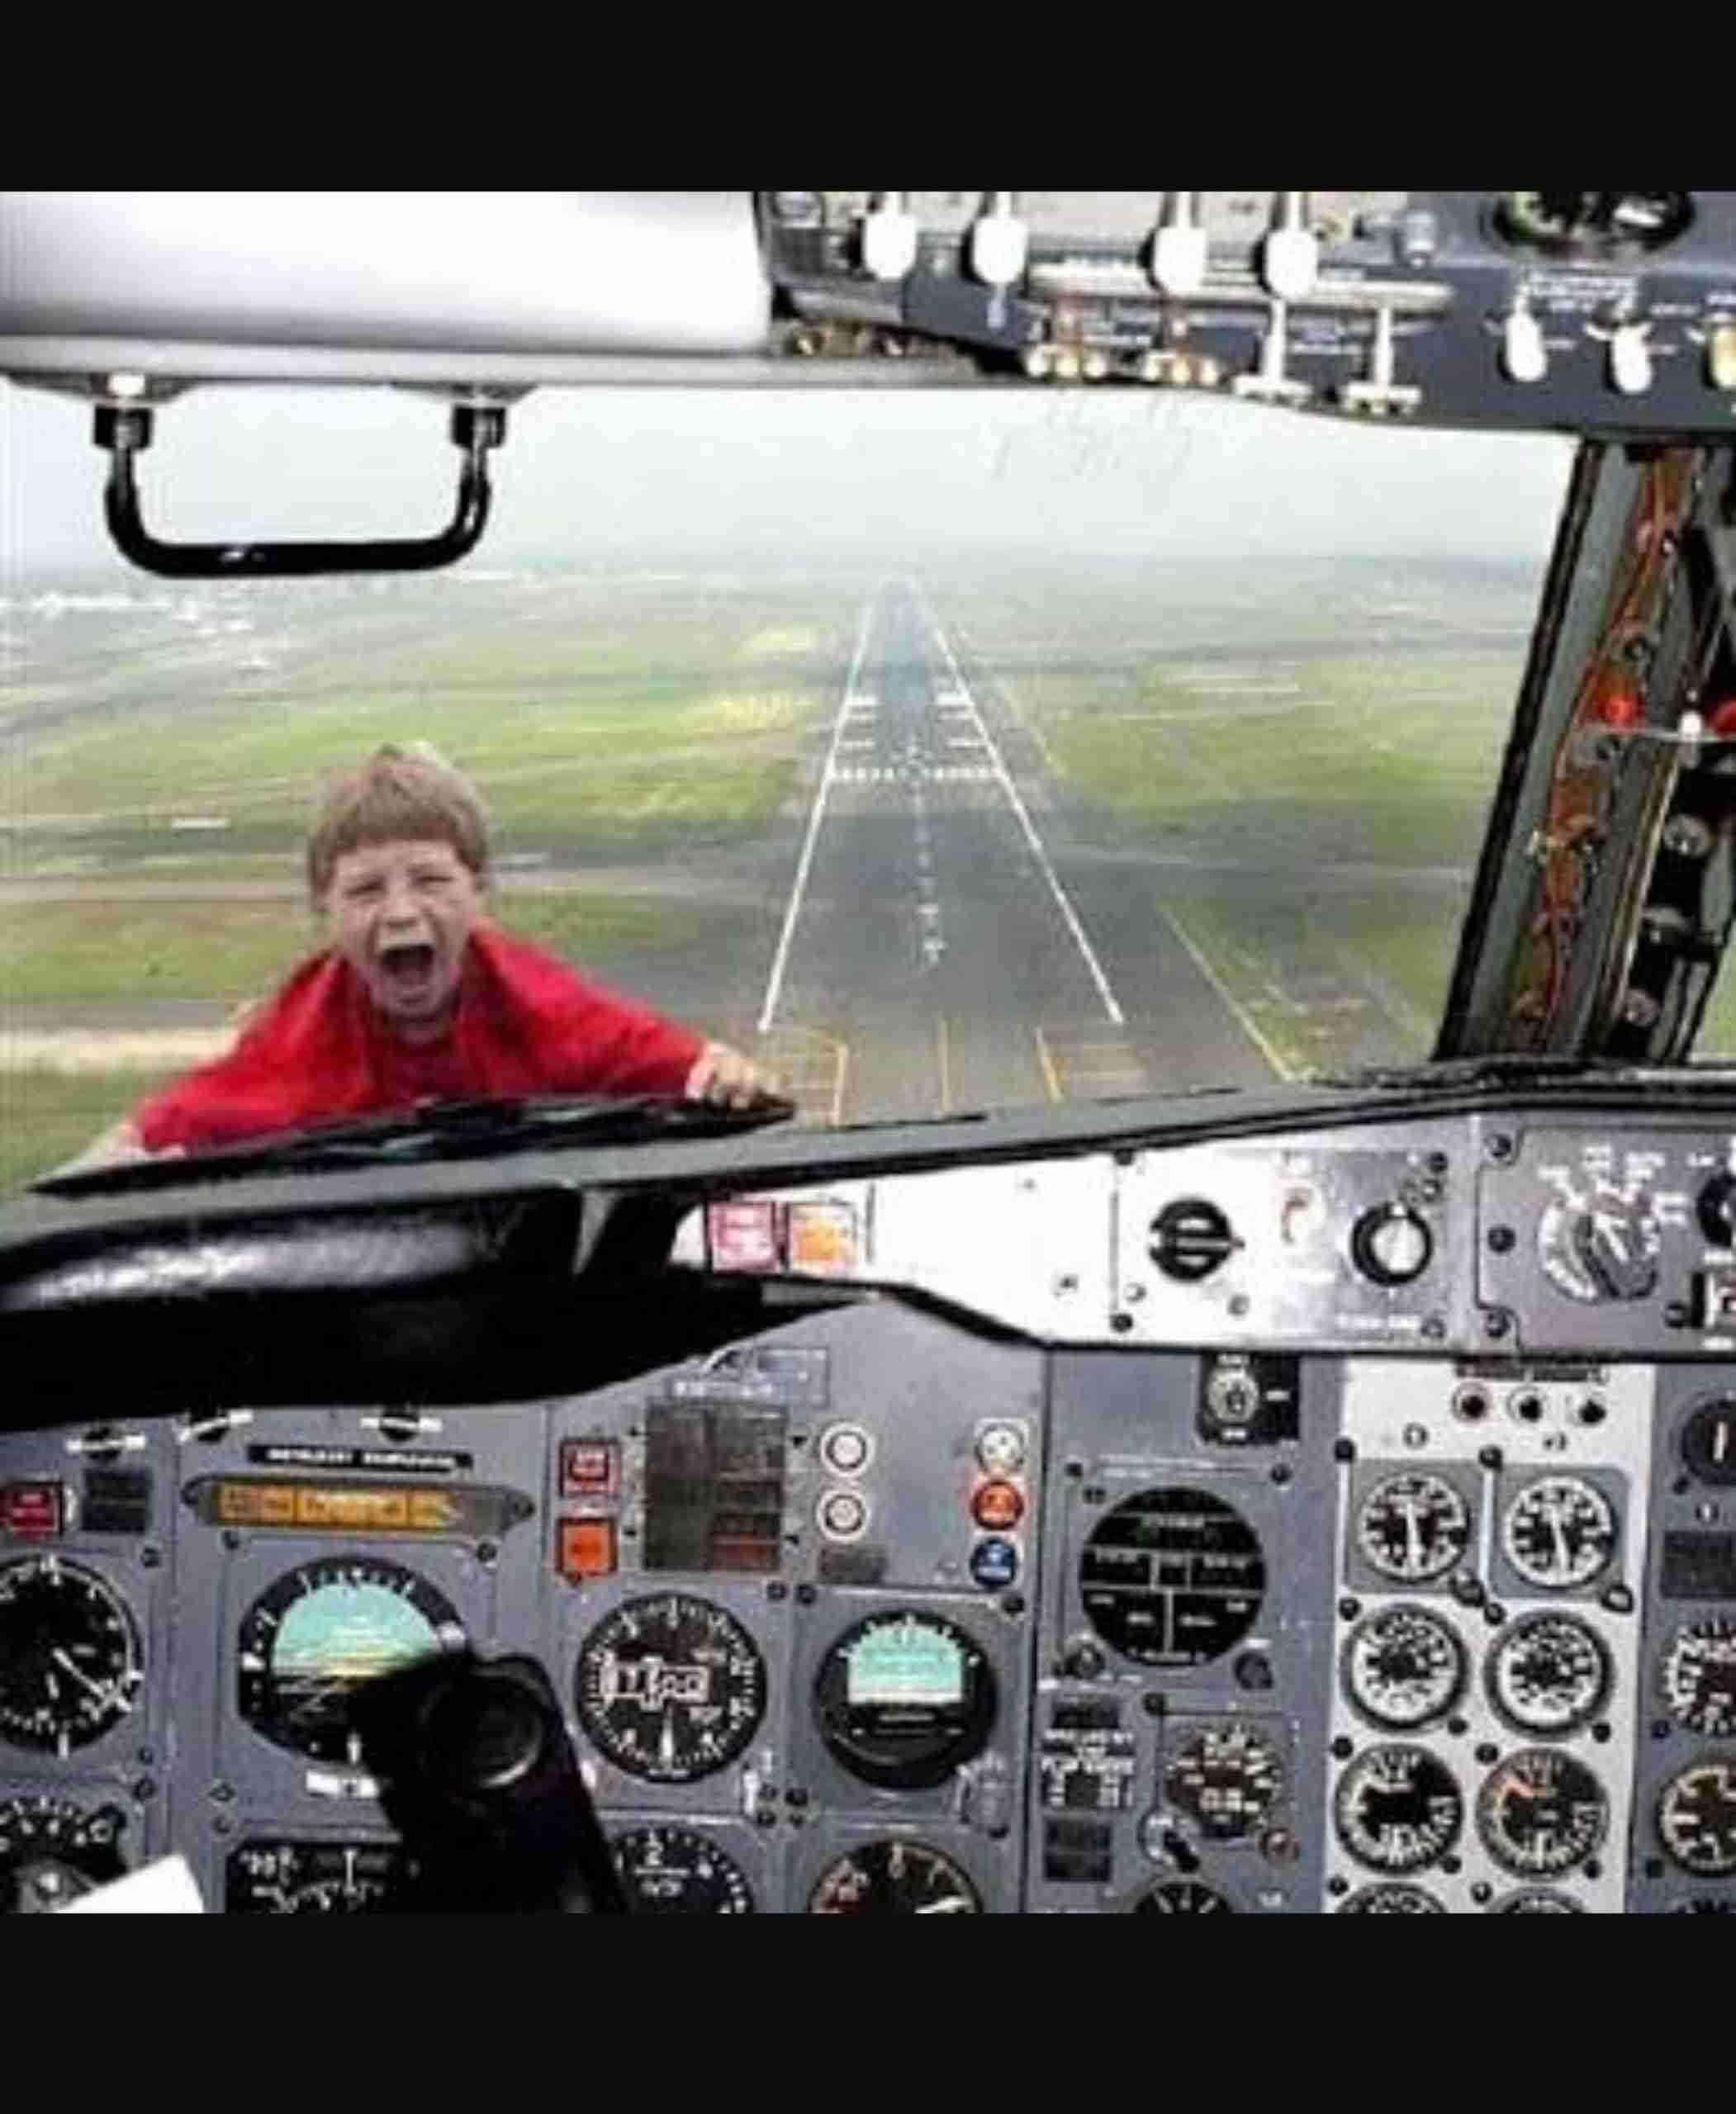 飛行機が死ぬほど怖い人集まろう〜!